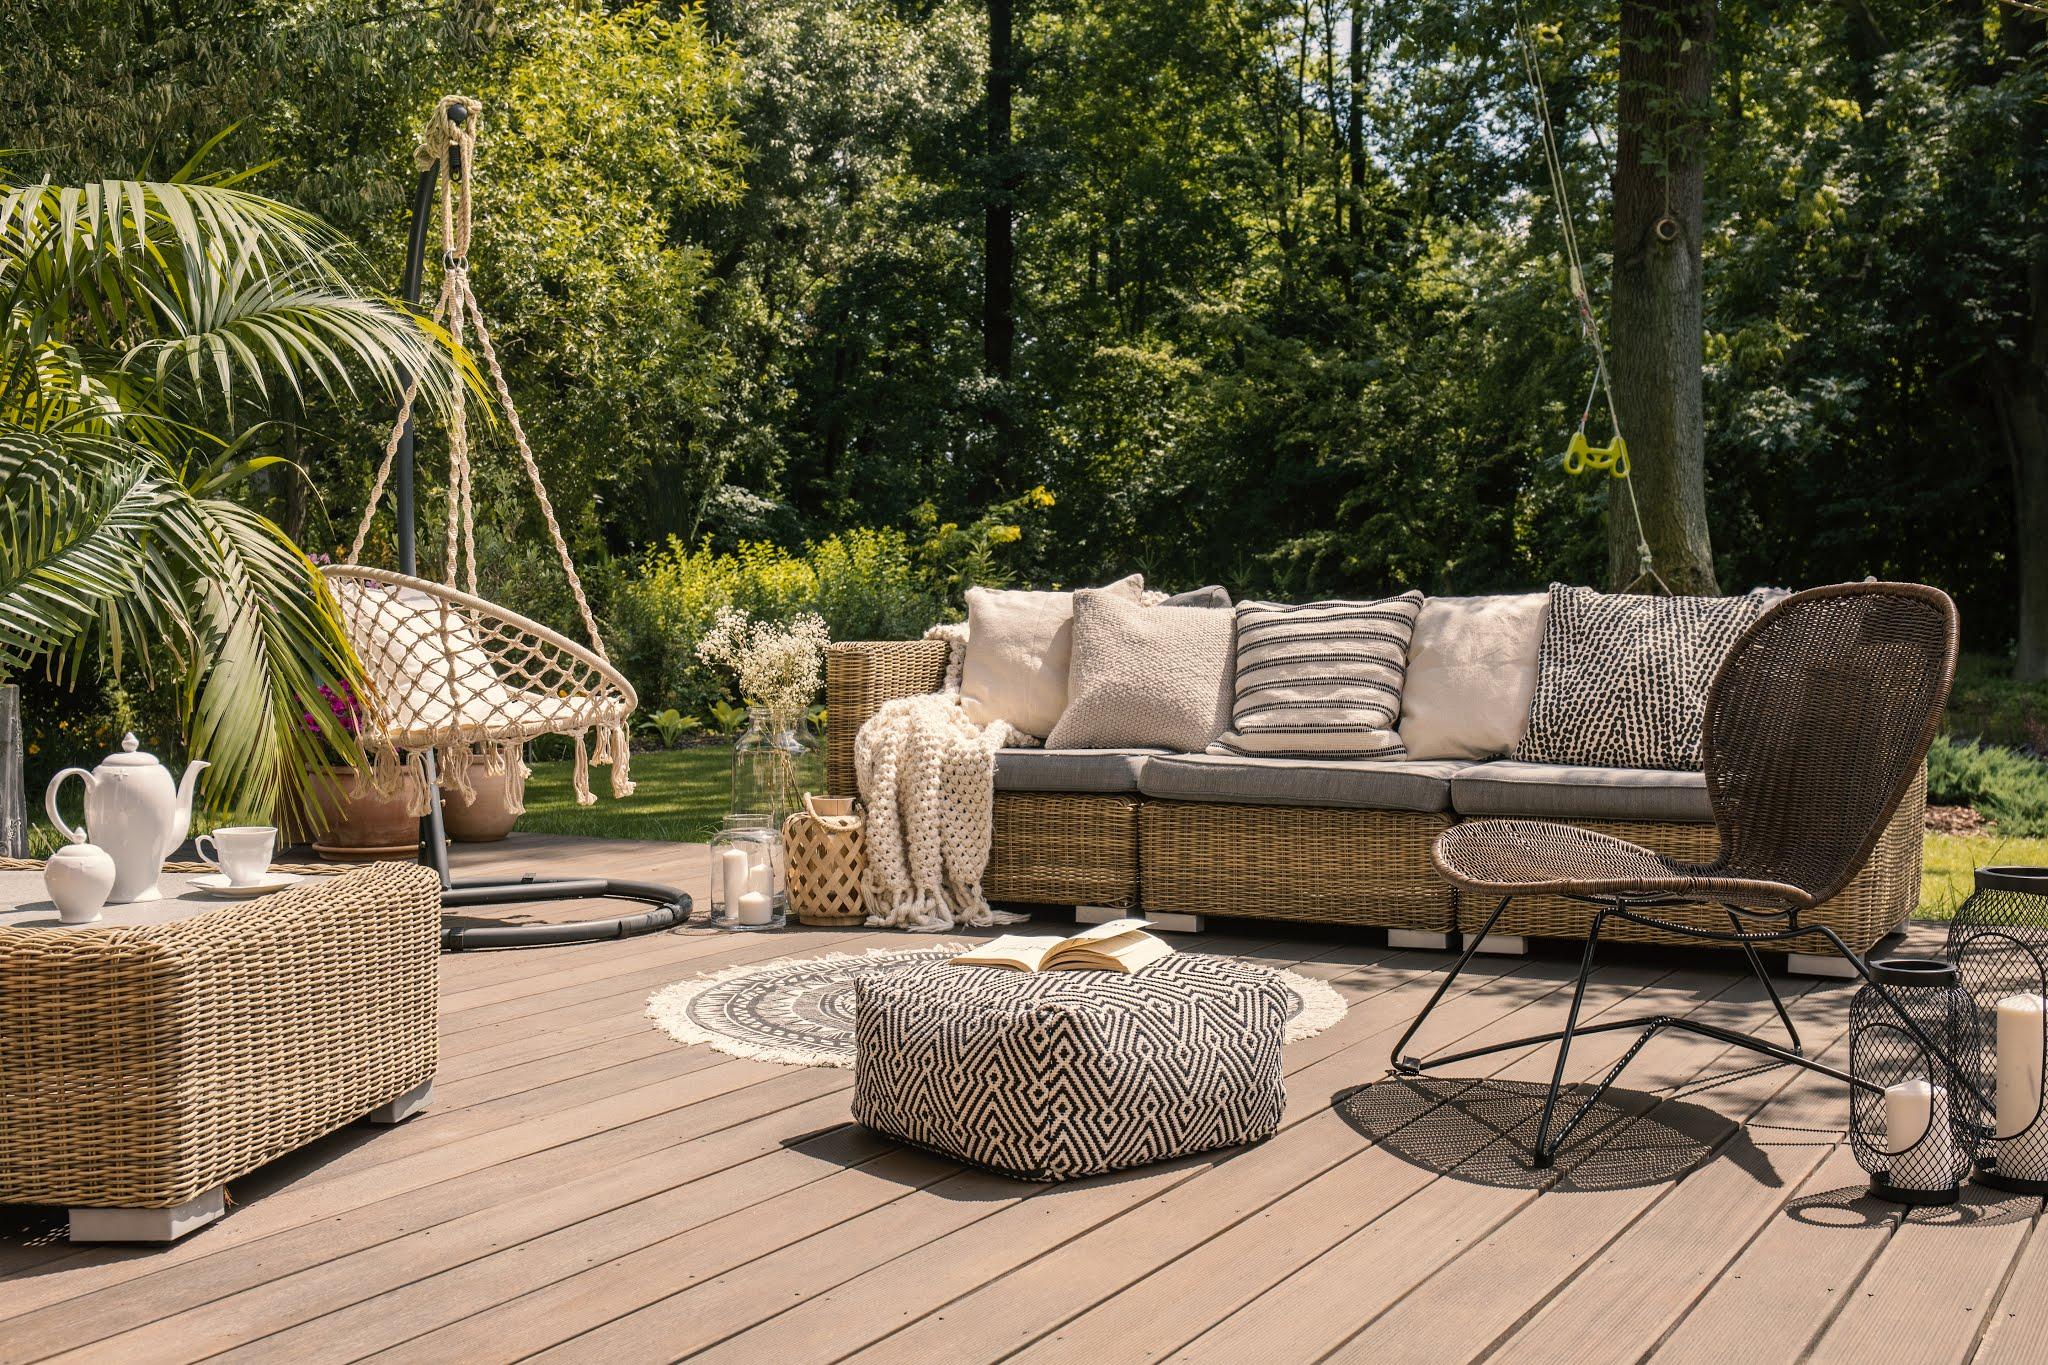 Jak zorganizować na tarasie lub w ogrodzie swoją własną oazę do wypoczynku? 1